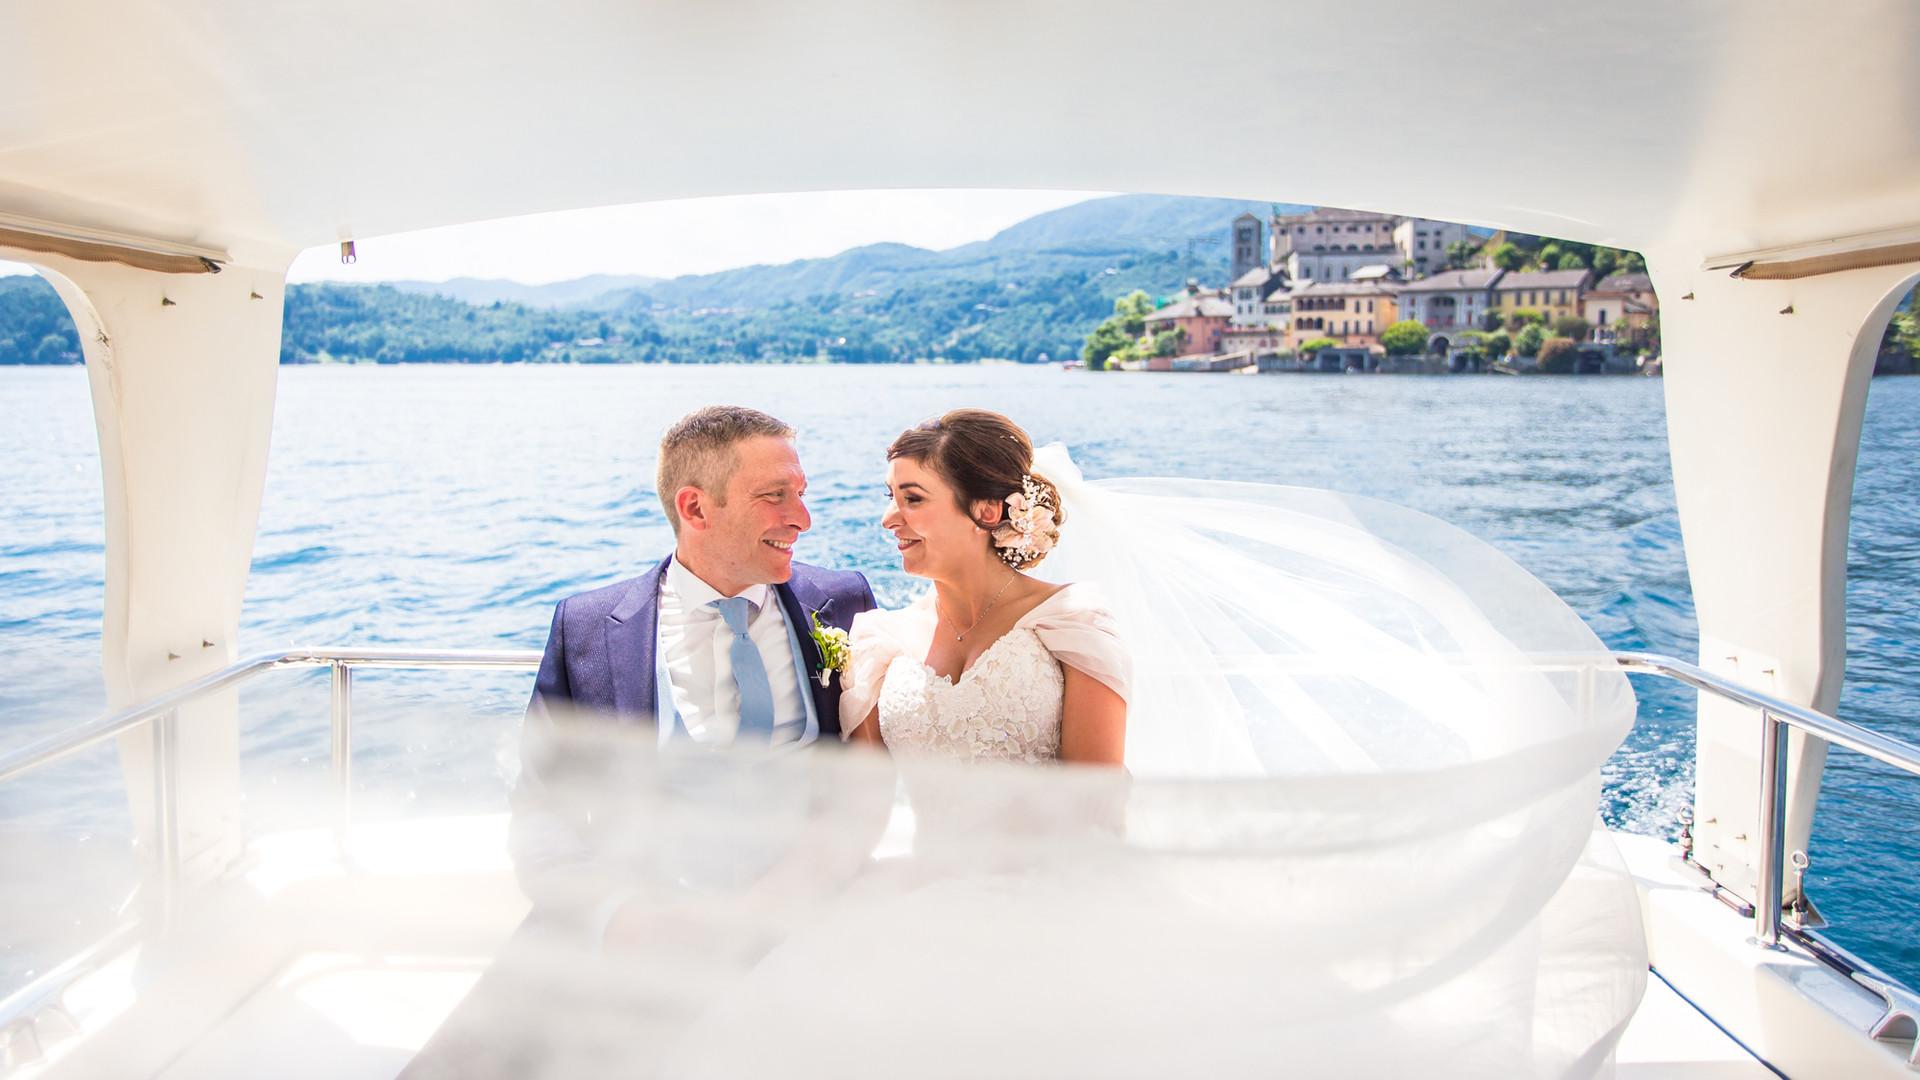 Foto di matrimonio in barca Lago D'Orta Orta San Giulio